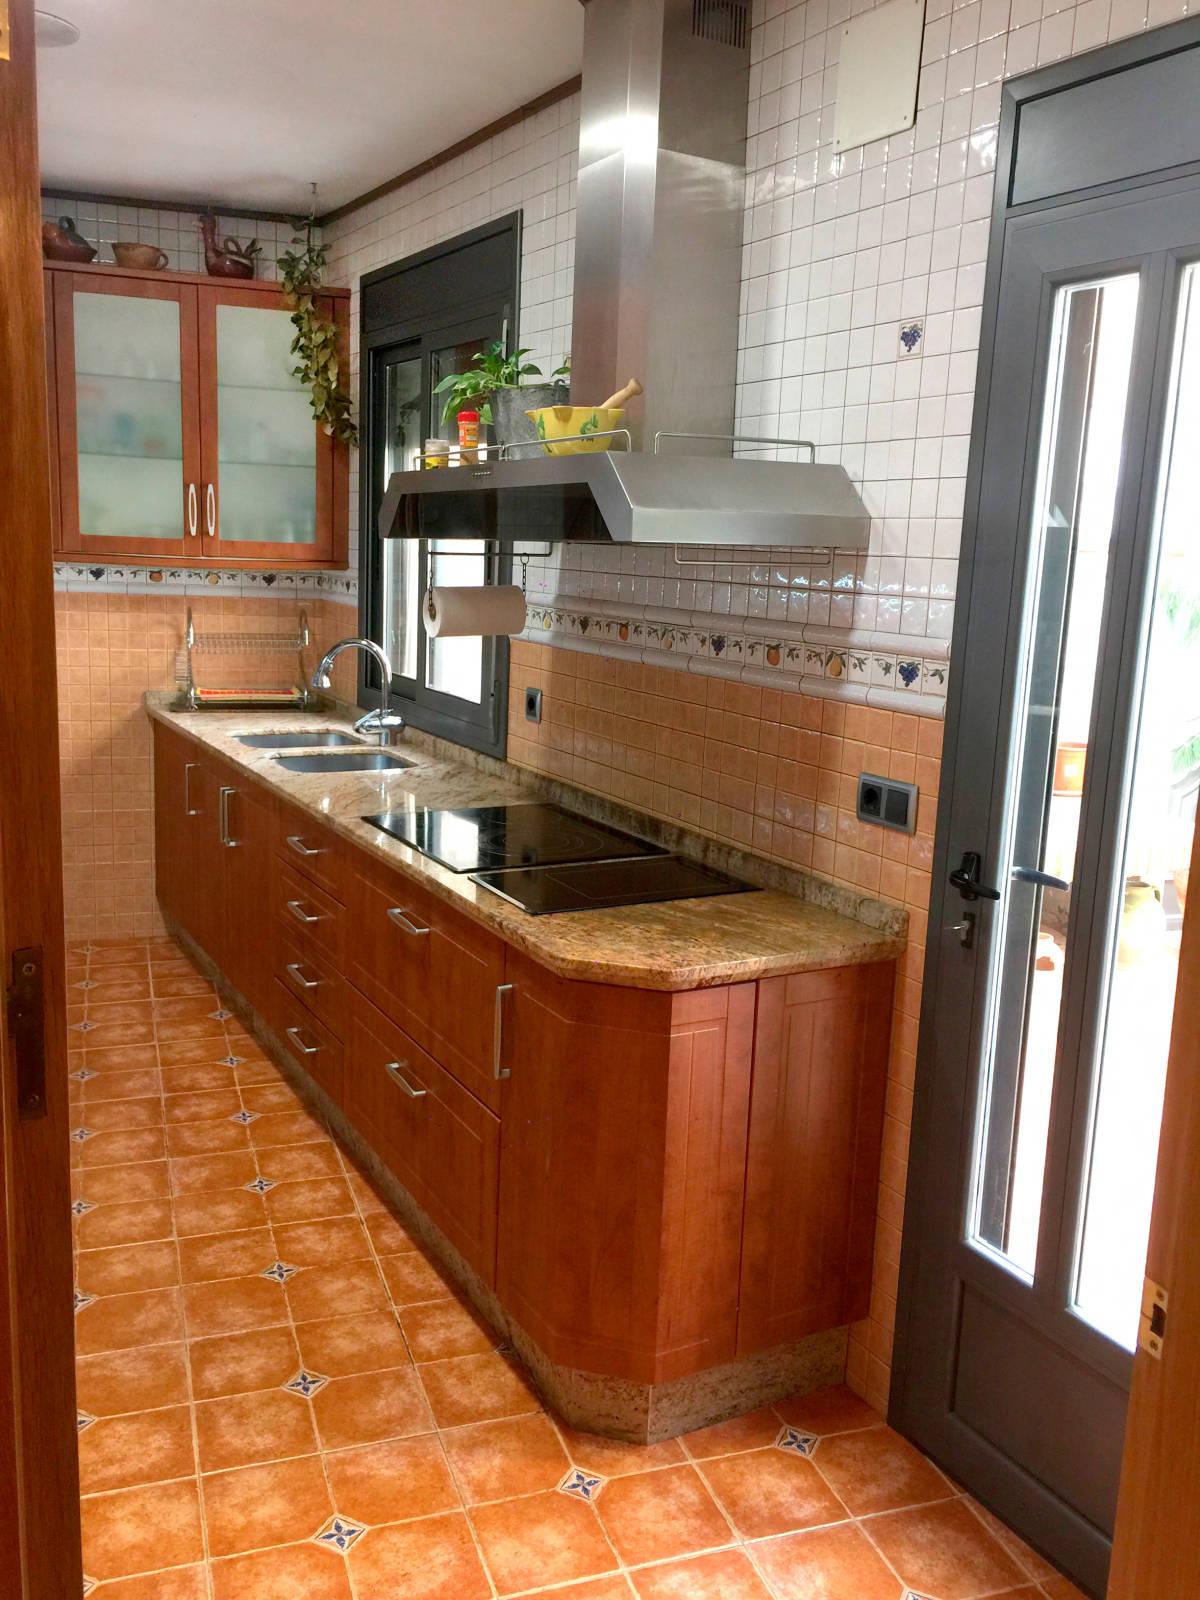 Foto 12 - Casa adosada en Reus con 3 pisos independientes